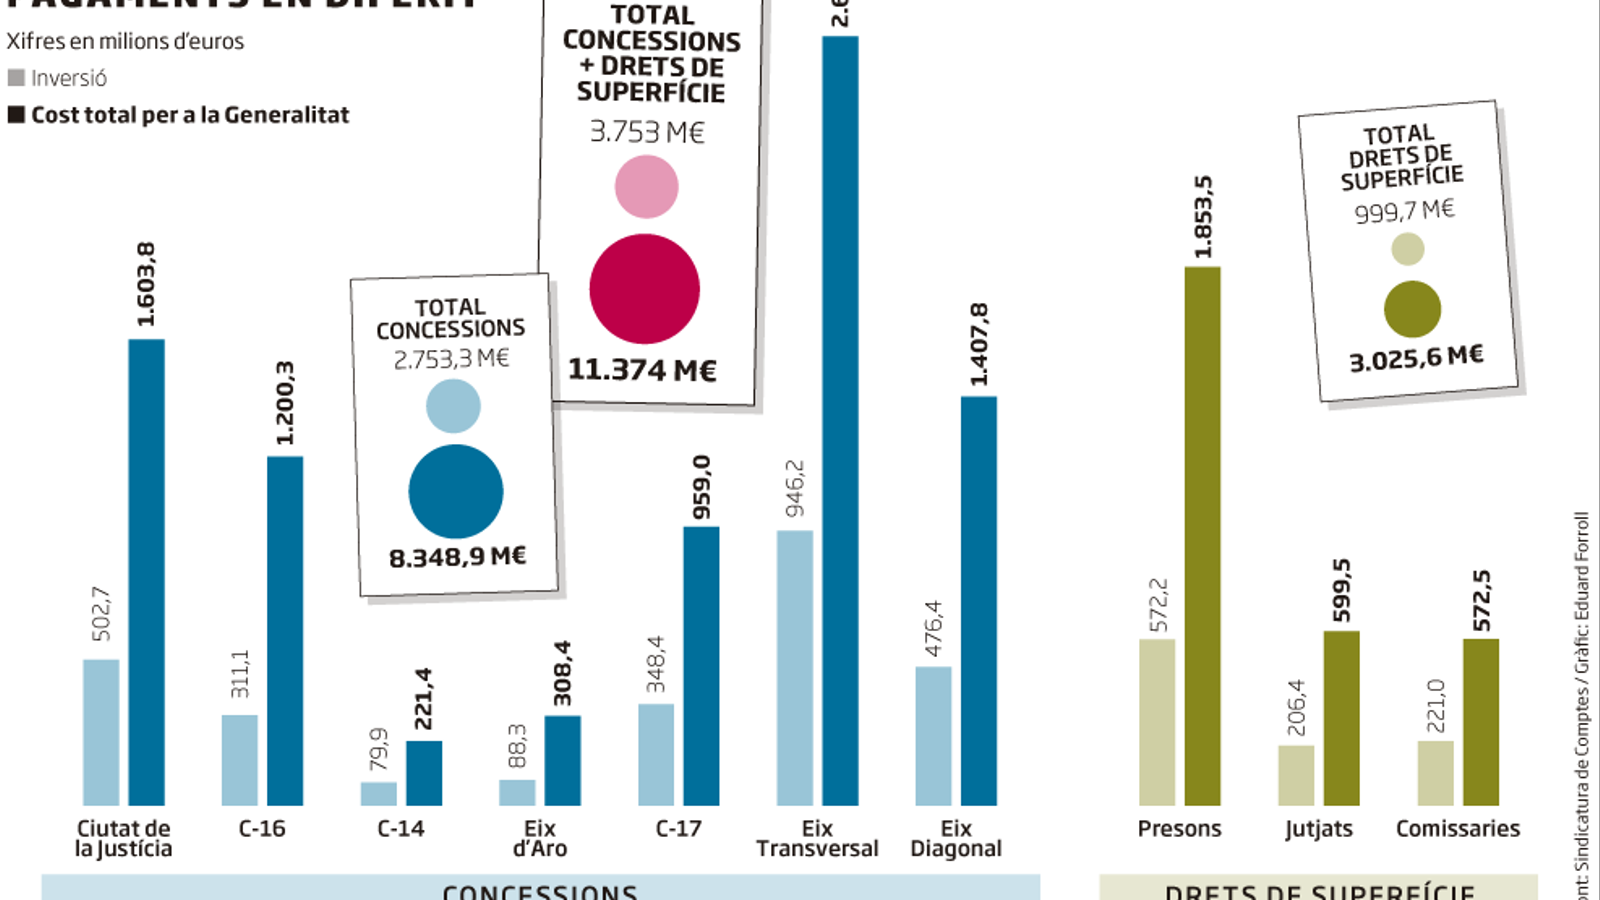 La gran motxilla dels pagaments diferits: 11.400 M€ fins al 2041